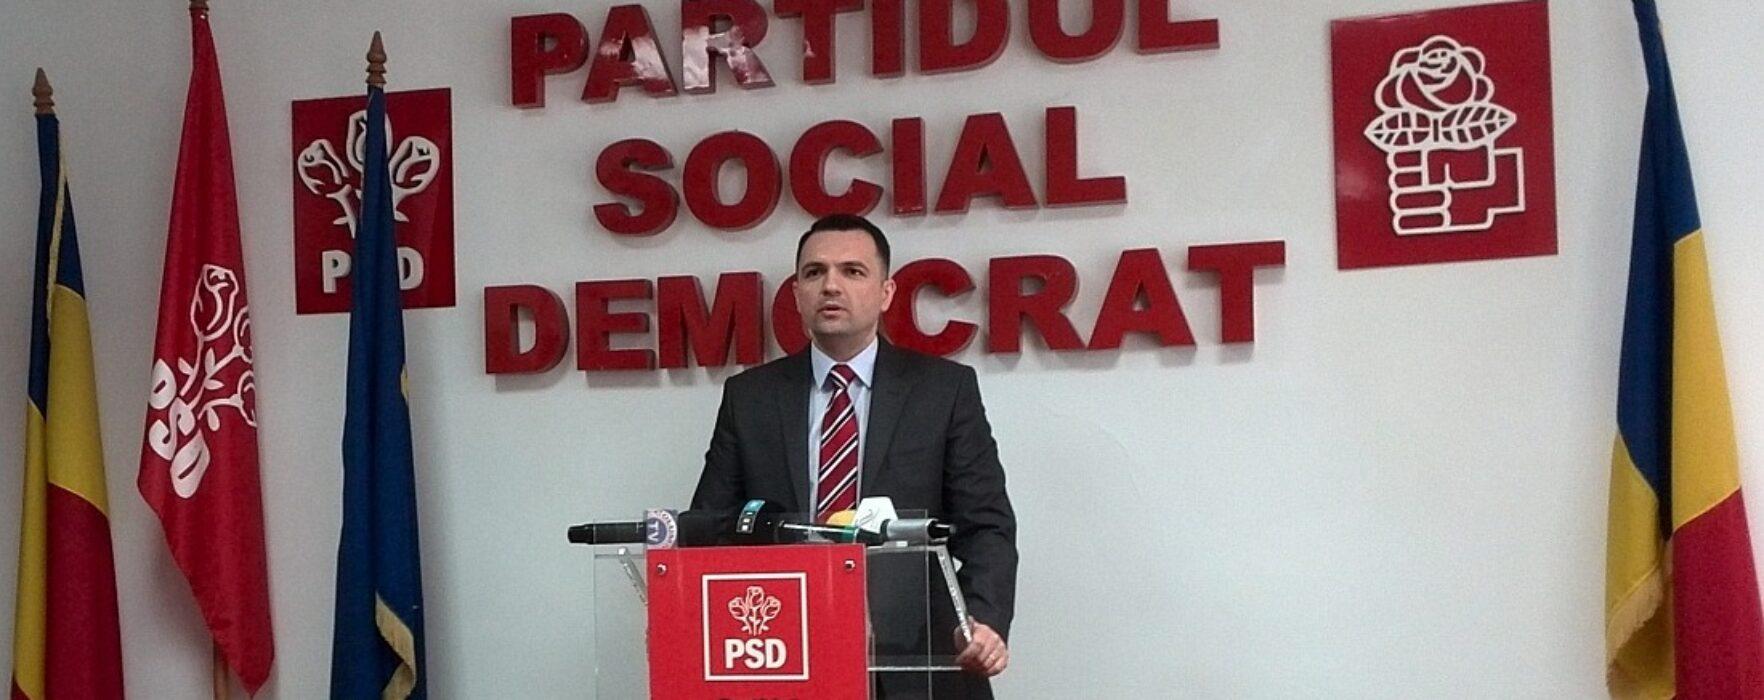 PSD Dâmboviţa anunţă că va susţine şi va vota Guvernul Dăncilă şi că nu a fost luată încă o decizie de propunere de miniştri